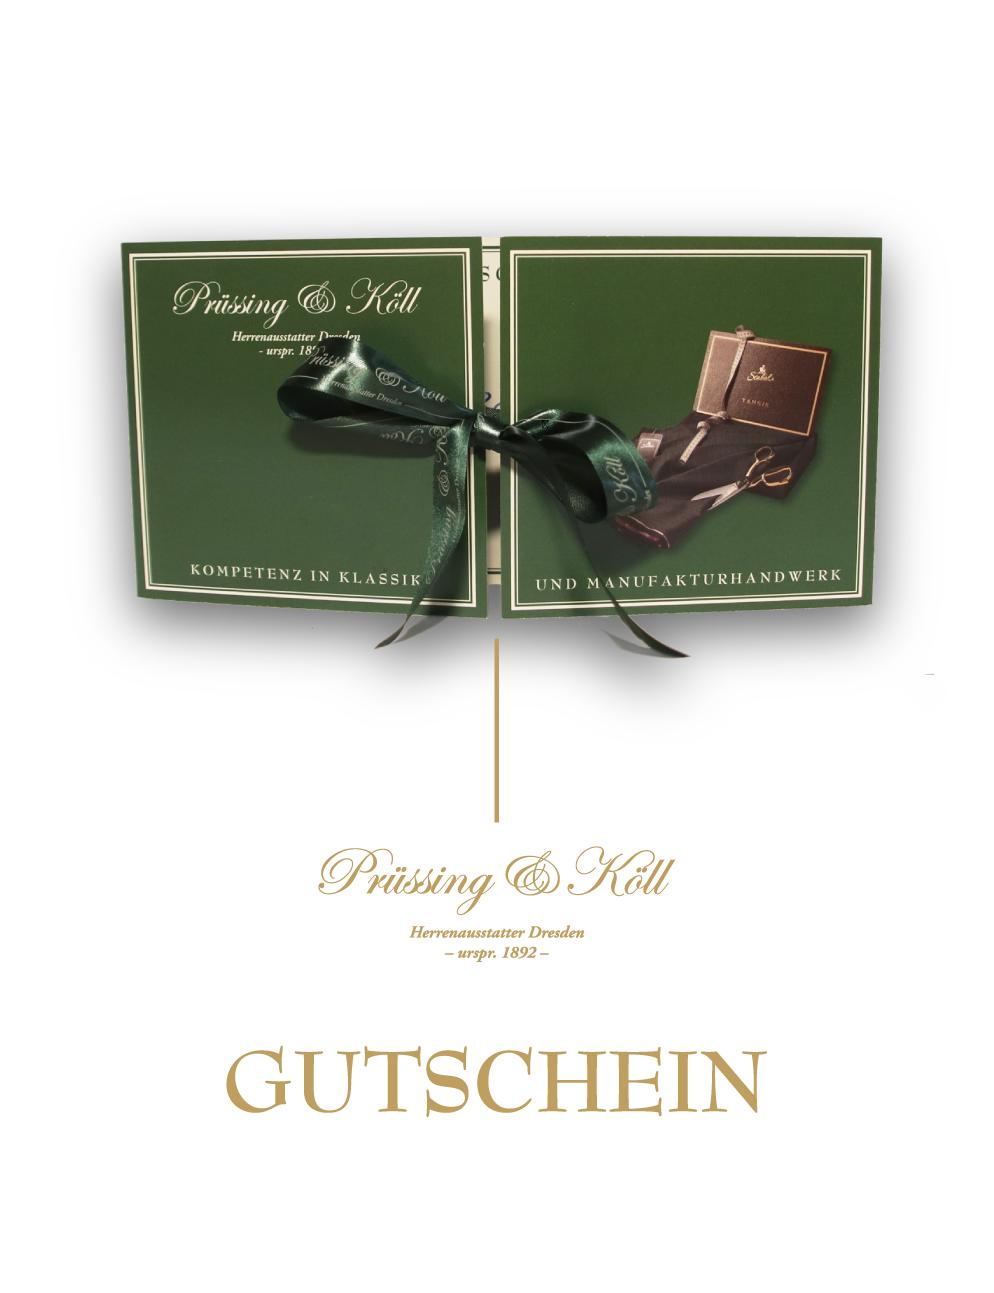 Gutscheine bei Prüssing&Köll erwerben